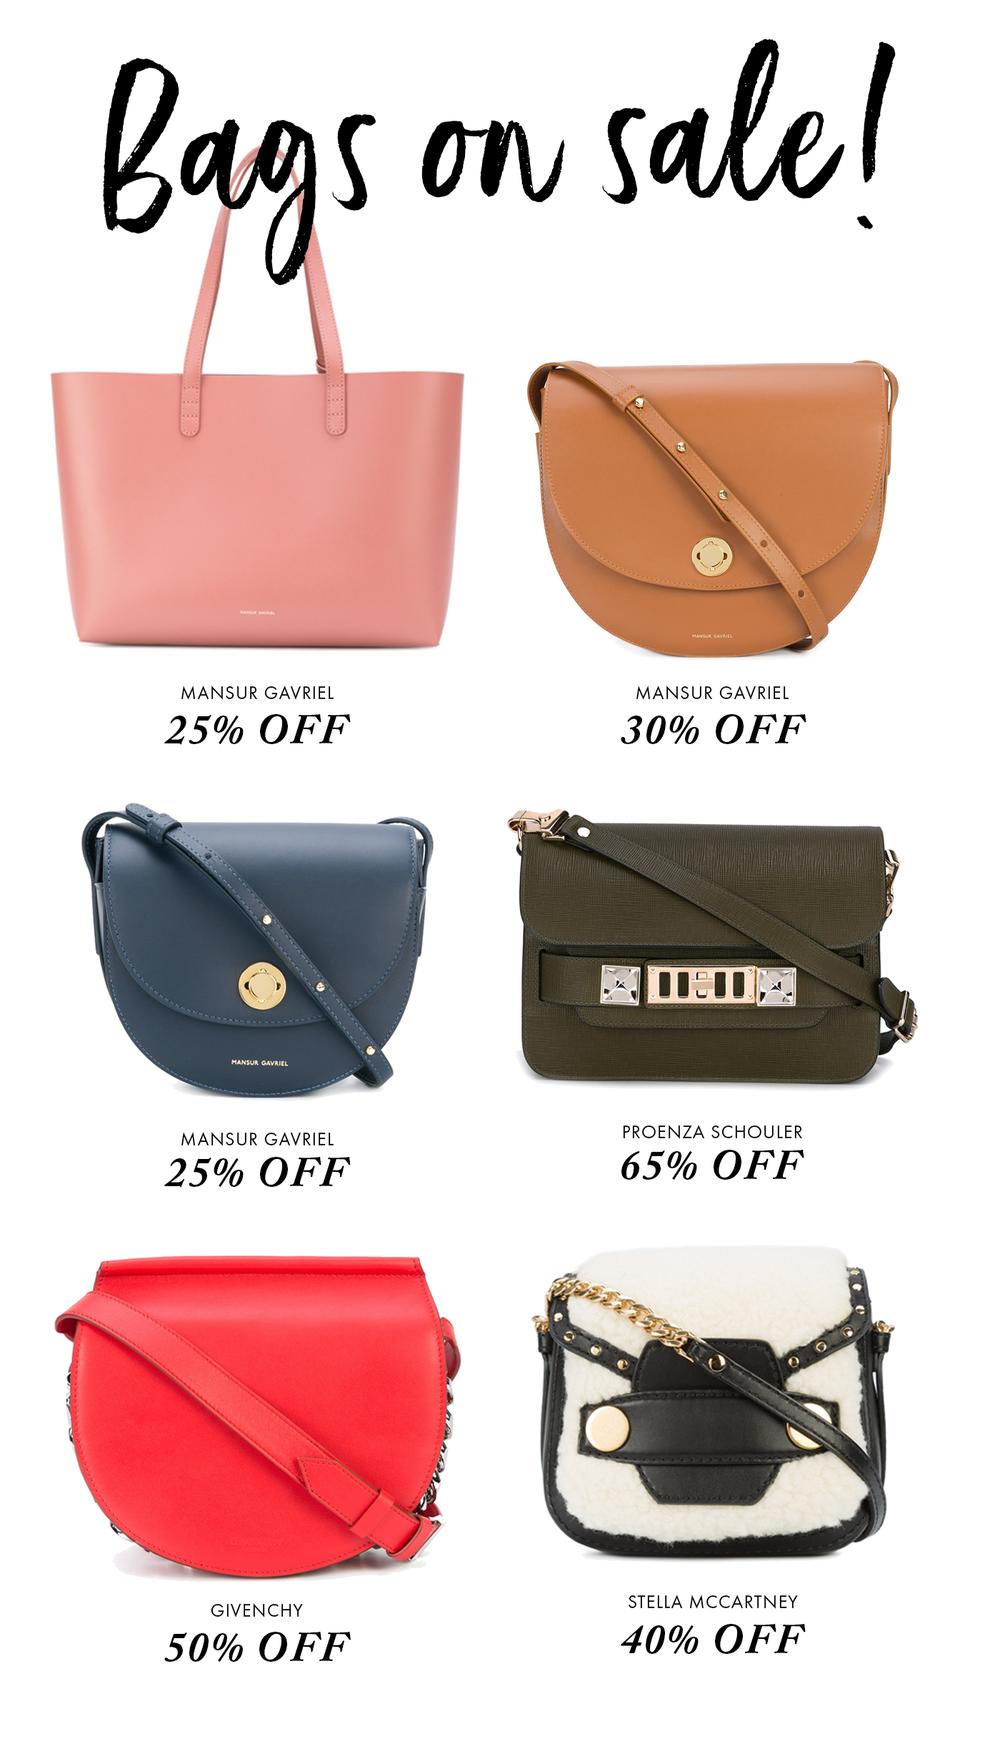 bags on sale - As bolsas mais incríveis da liquidação da Farfetch